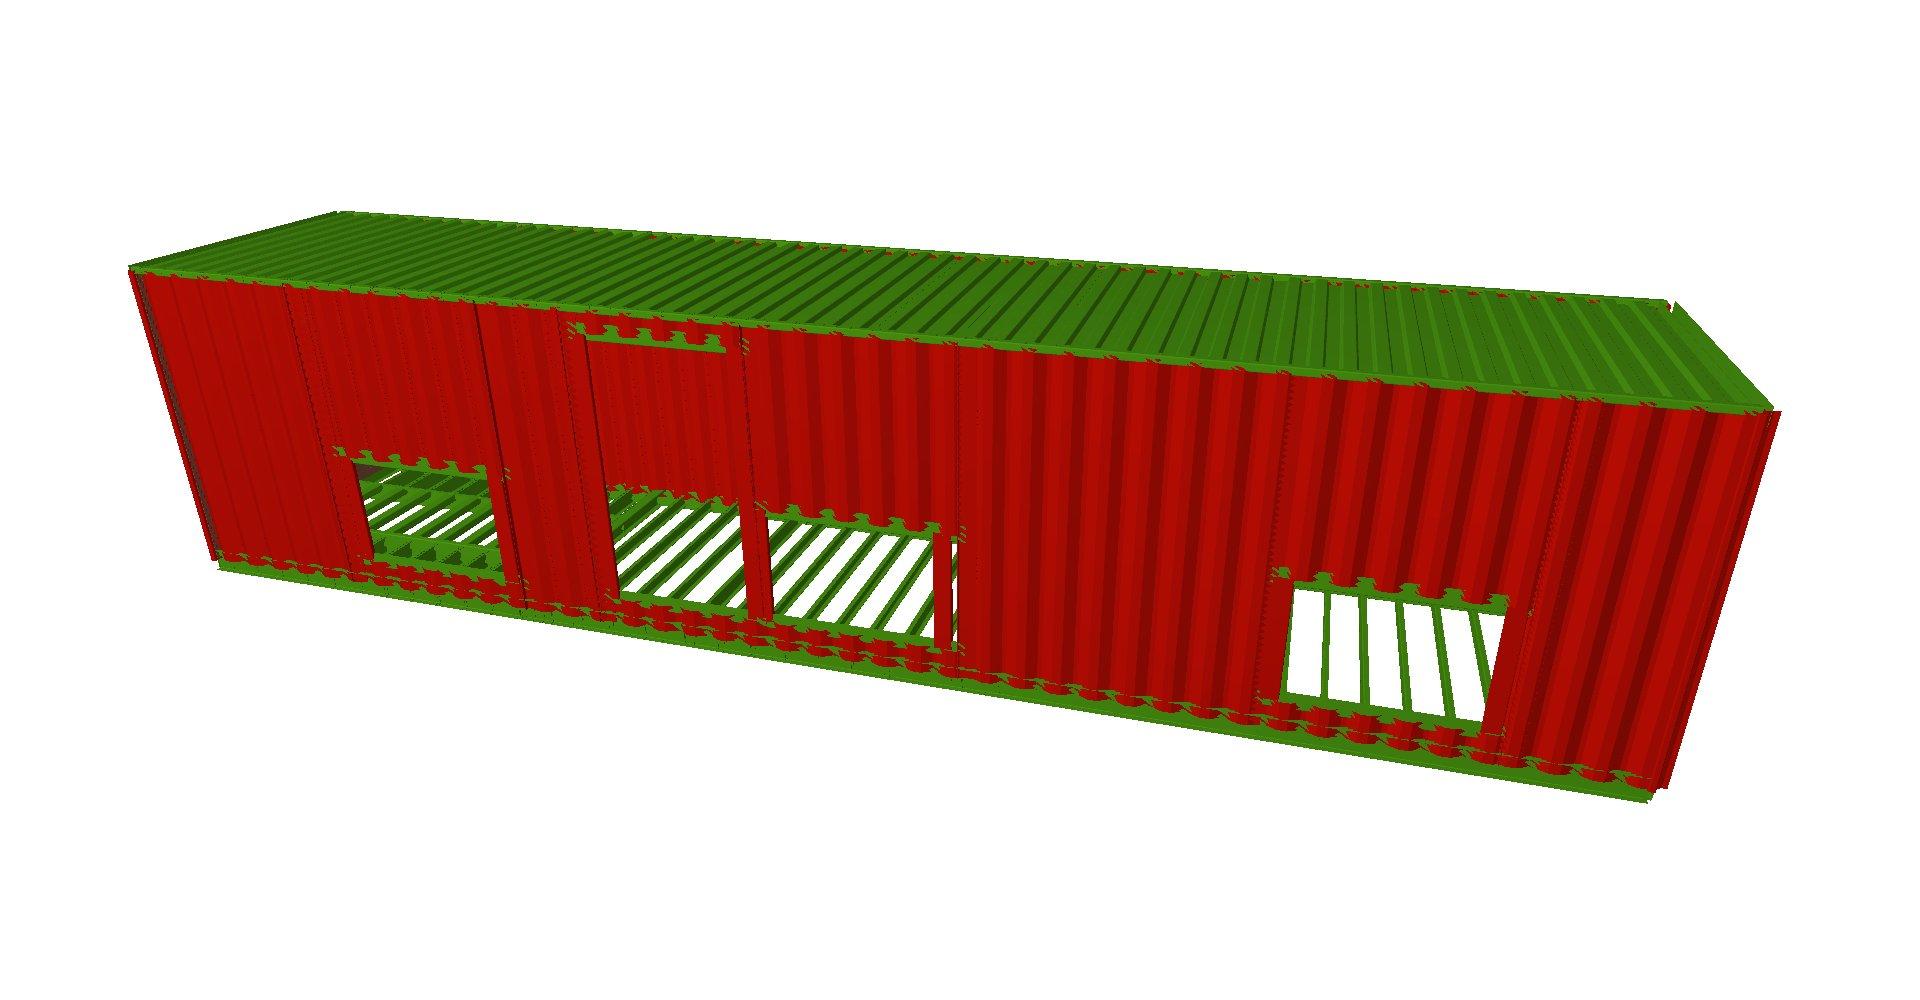 Contenedores subestación 02 - Proyectos ACCE Ingeniería